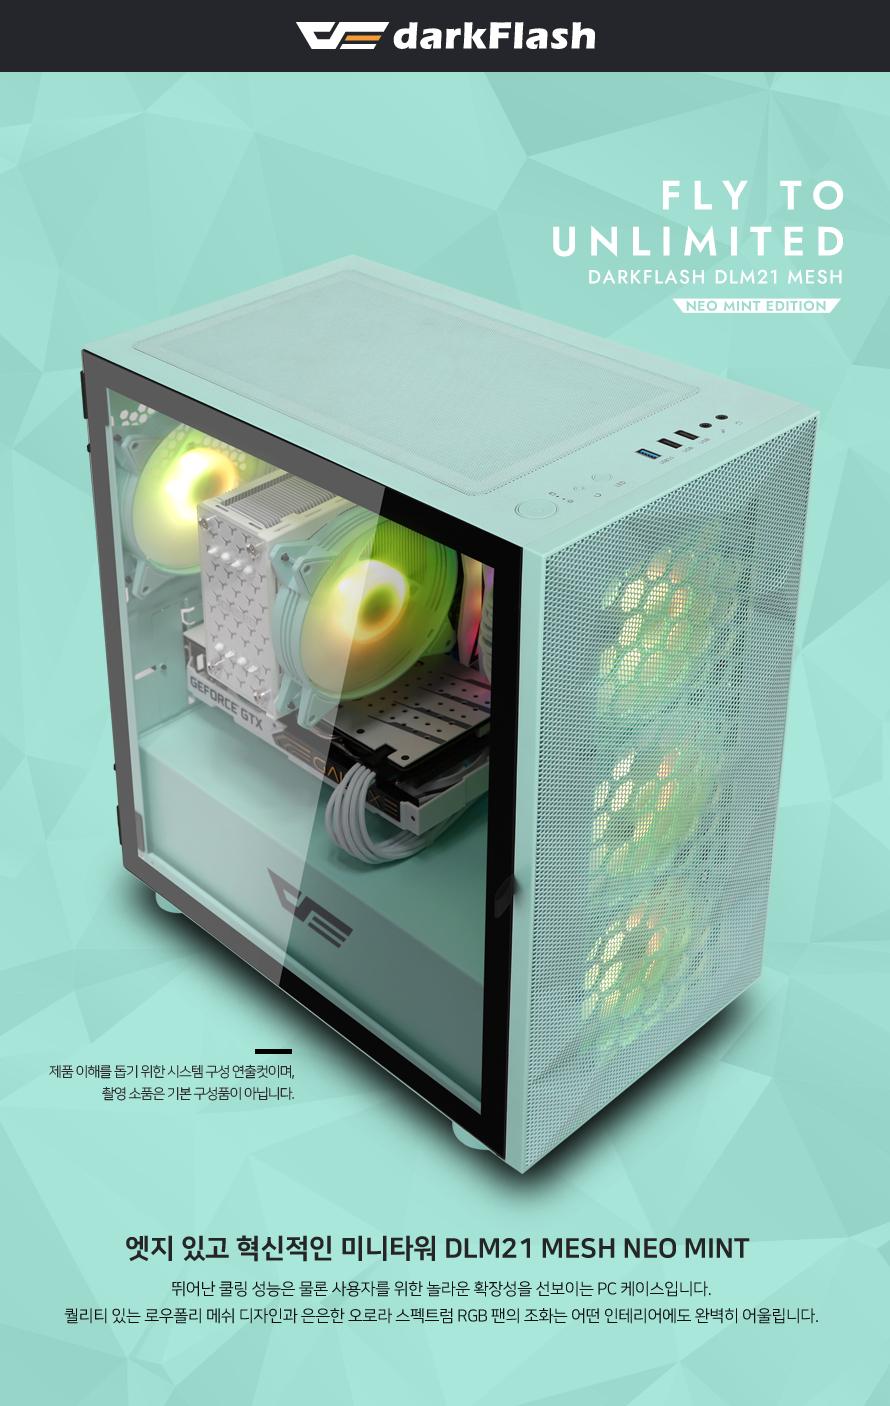 darkFlash DLM21 RGB MESH 강화유리 (네오 민트)